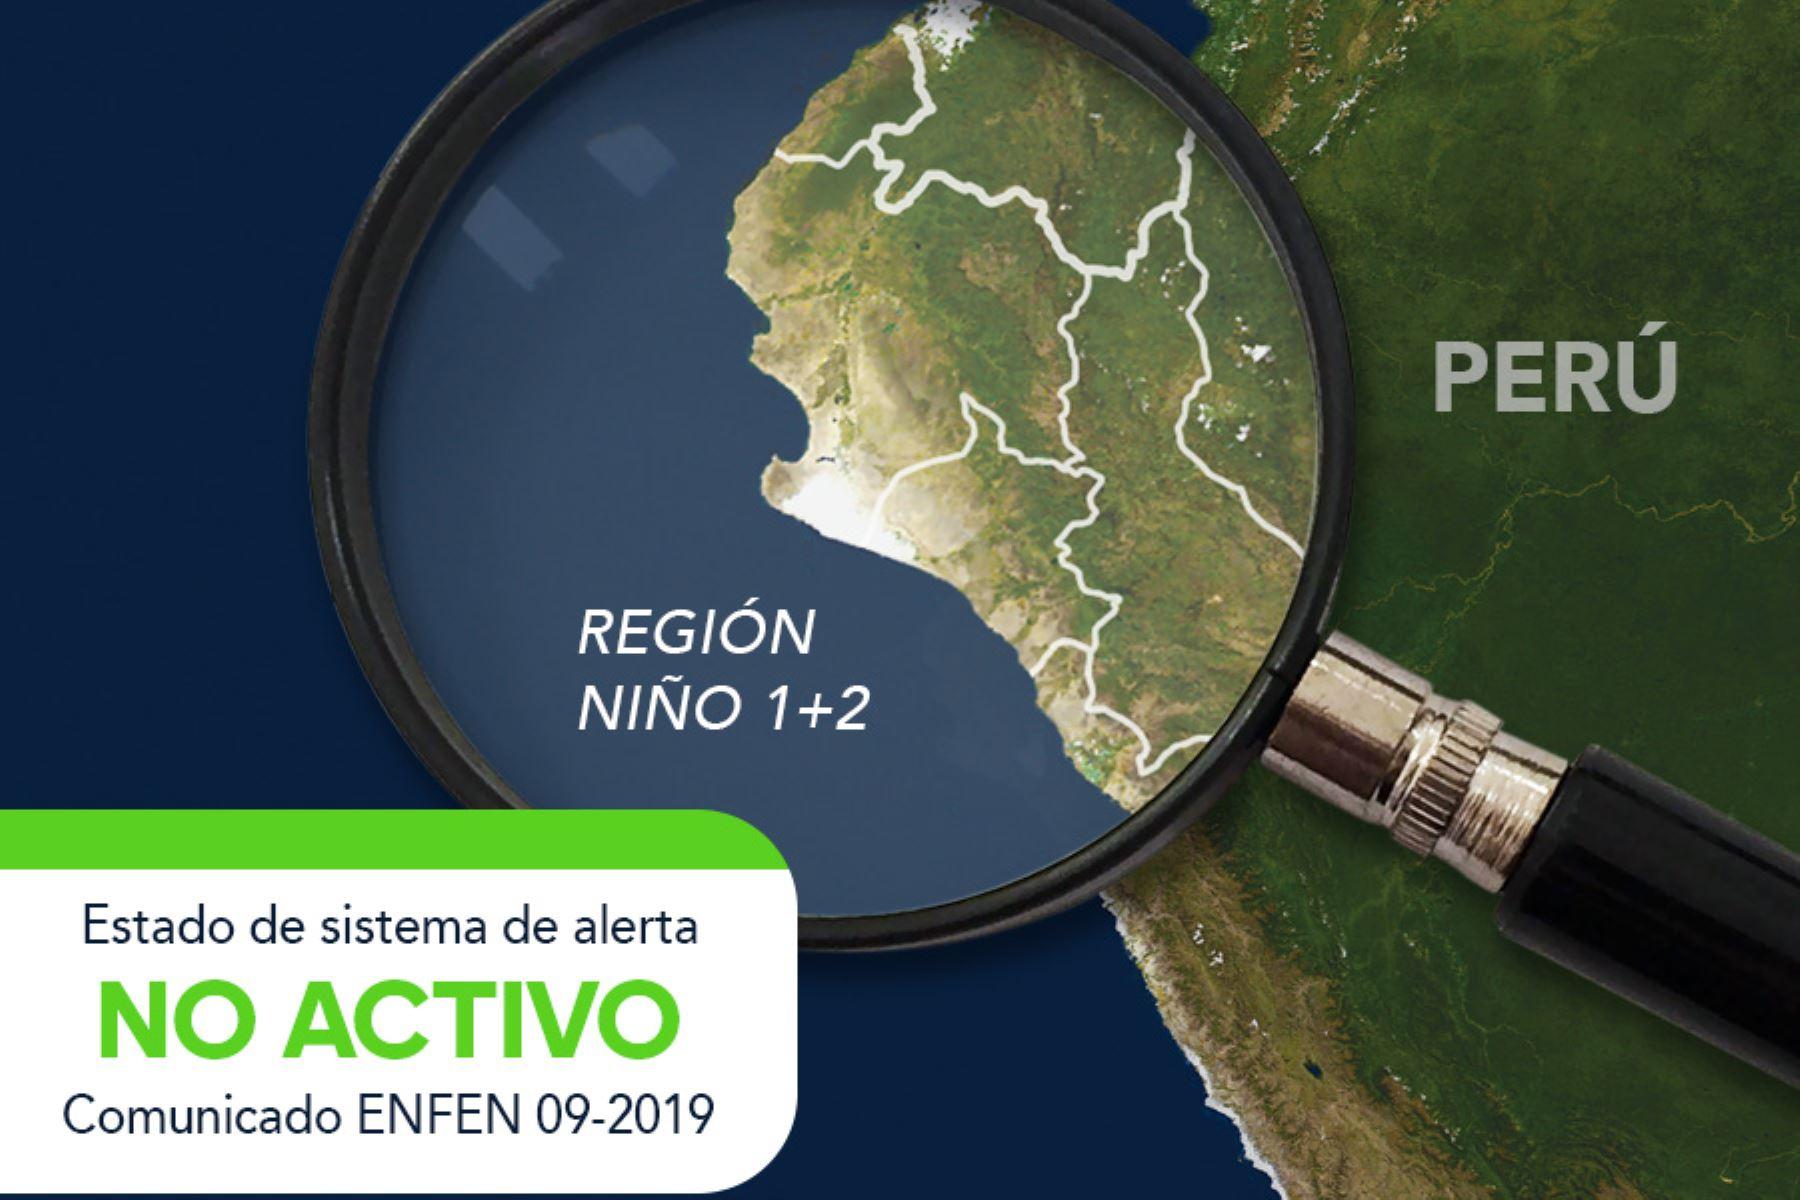 Enfen descarta evento El Niño, pero recomienda realizar labores de prevención. ANDINA/Archivo